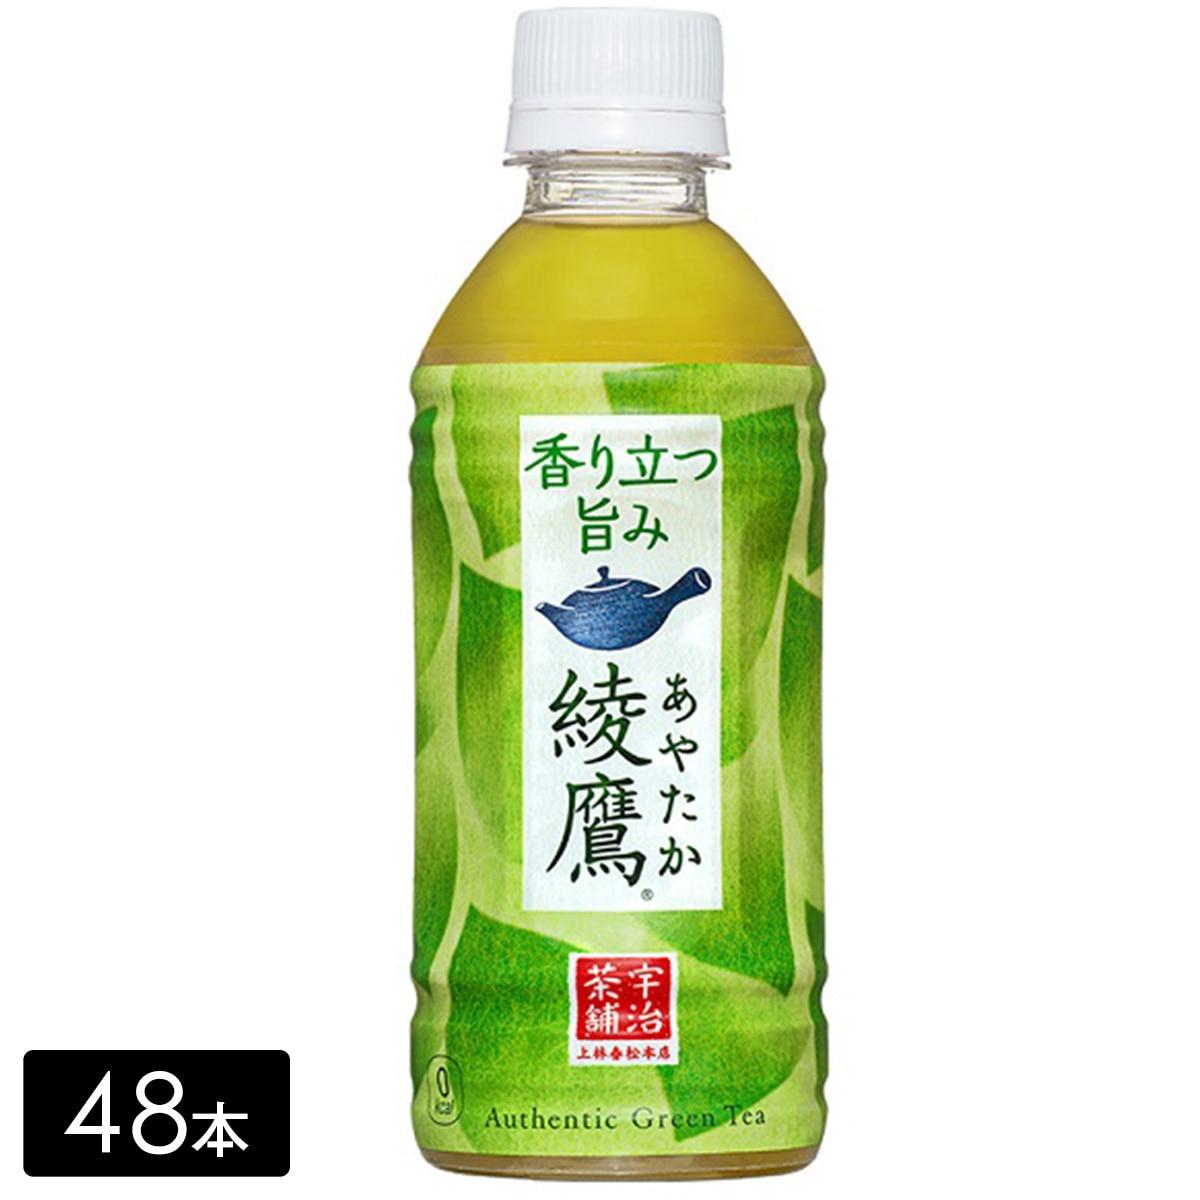 綾鷹 緑茶 300mL×48本